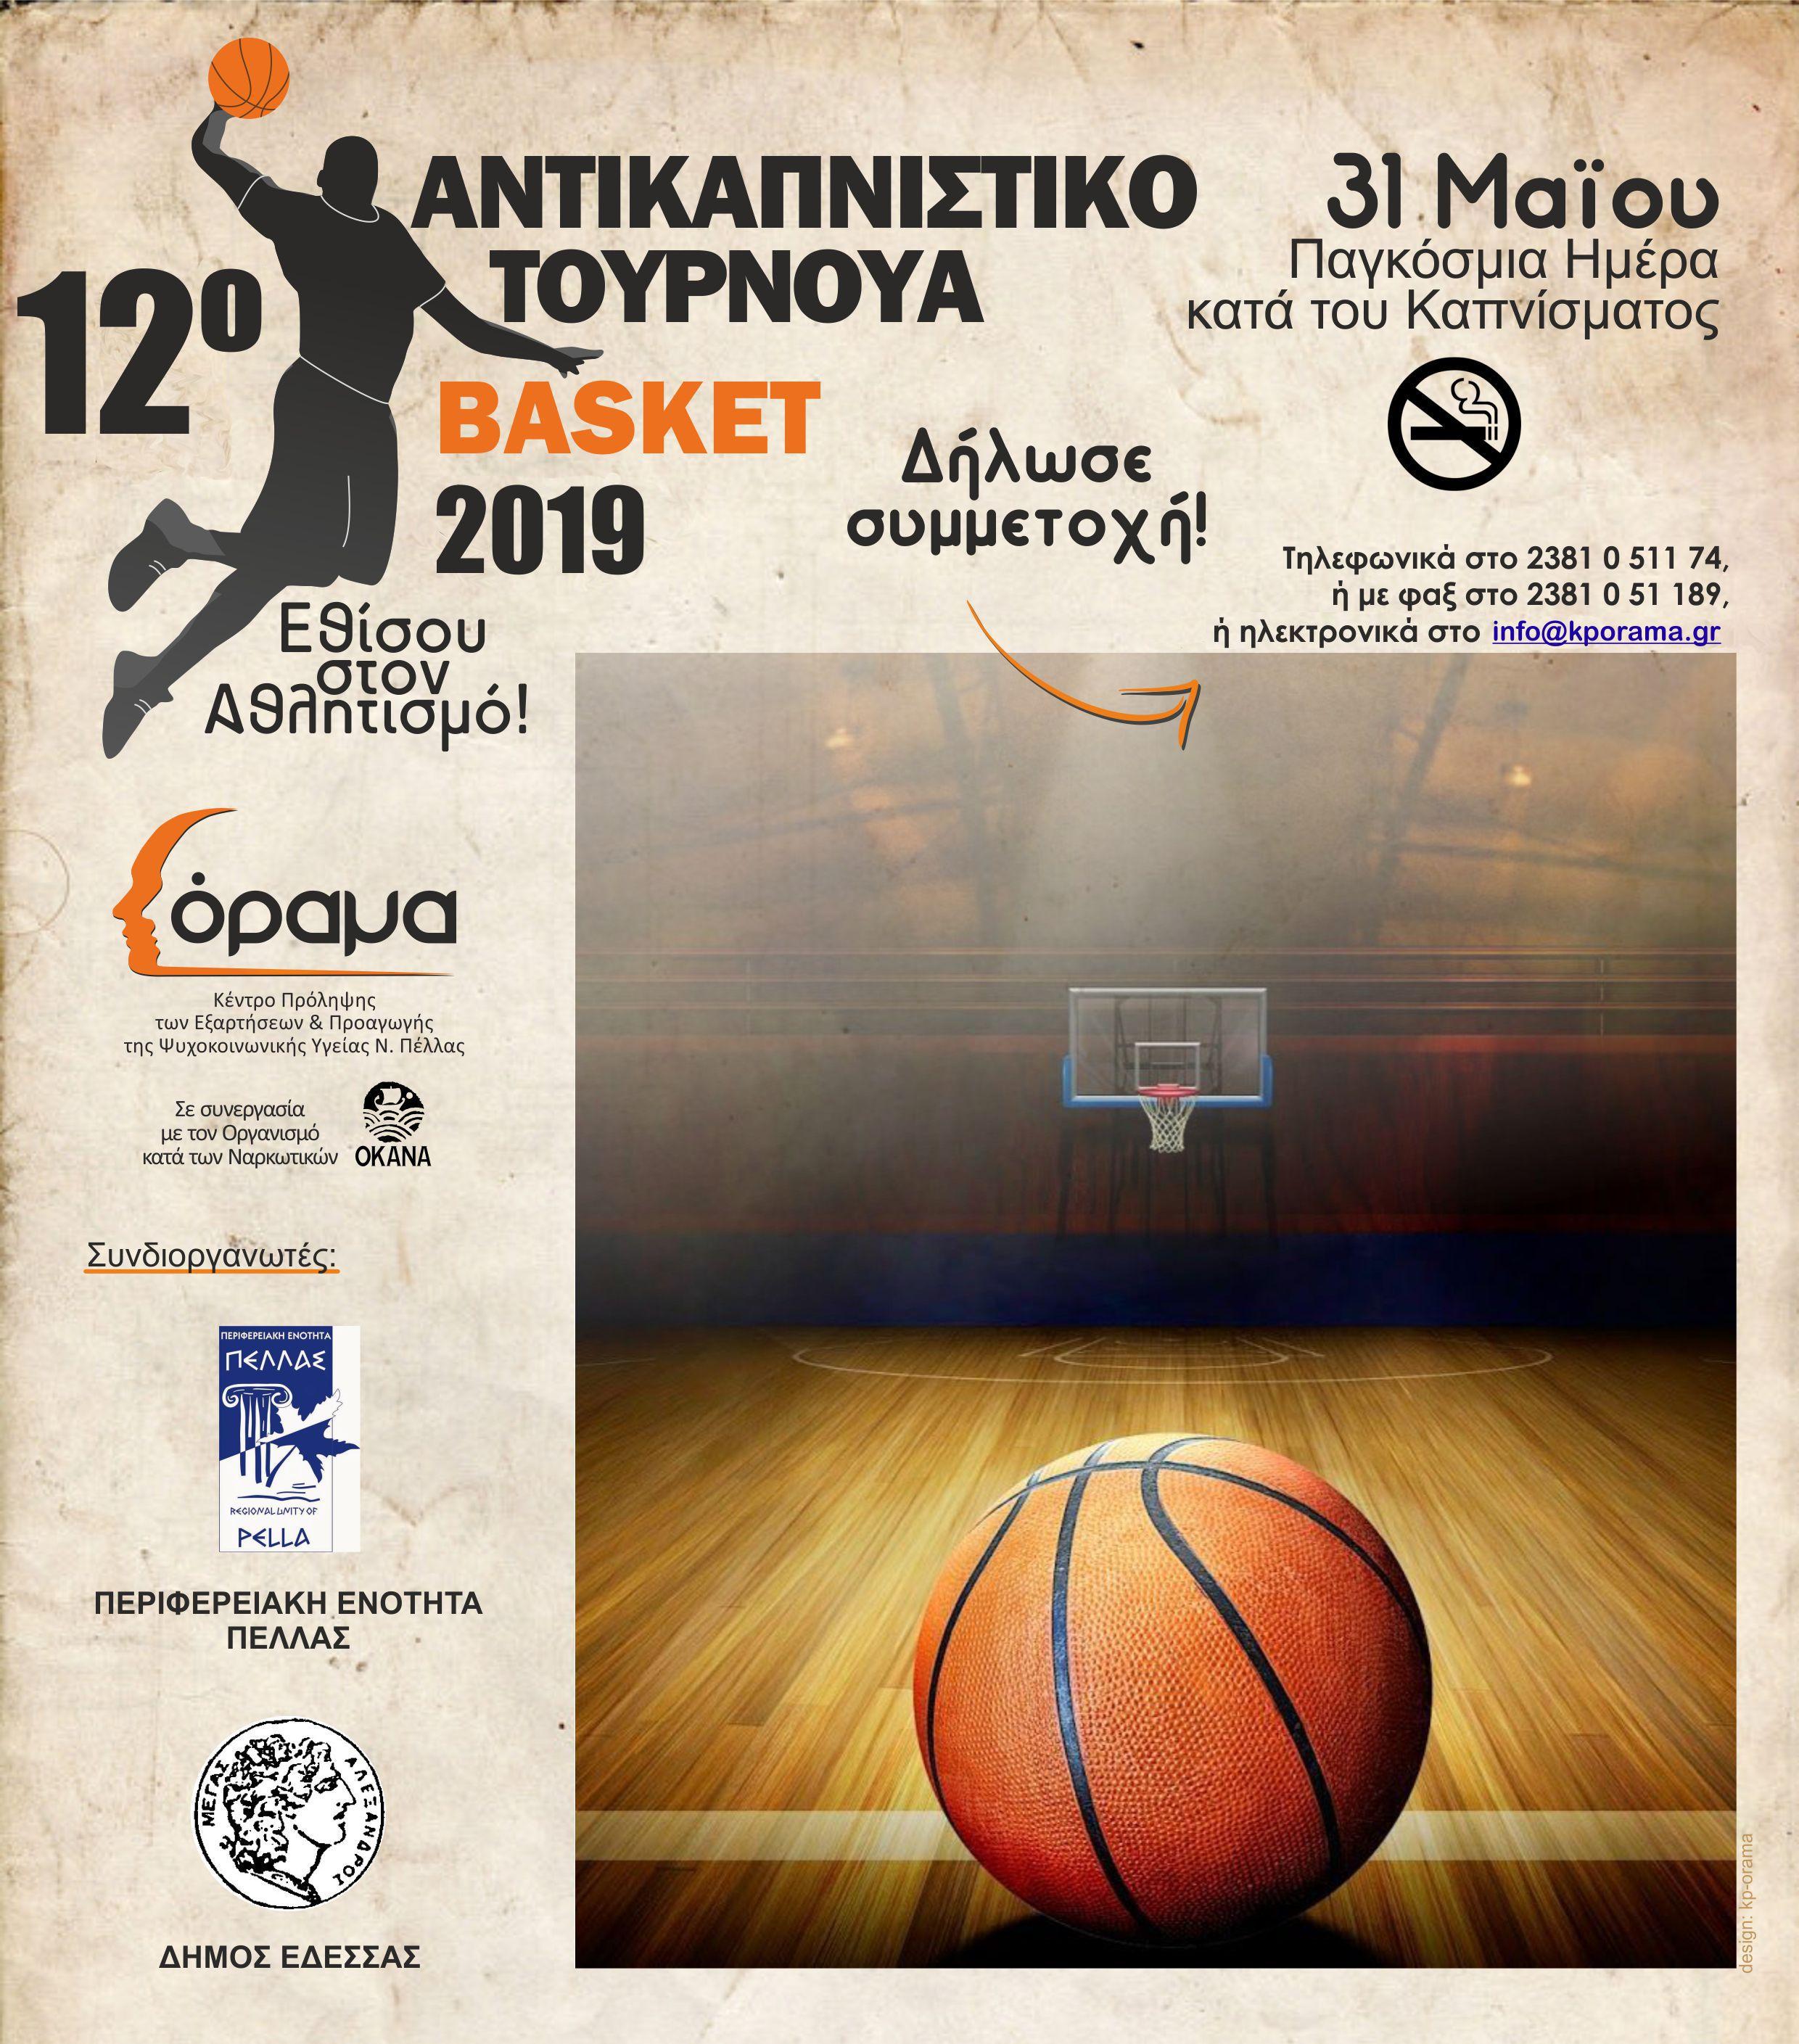 12ο Αντικαπνιστικό Τουρνουά Μπάσκετ